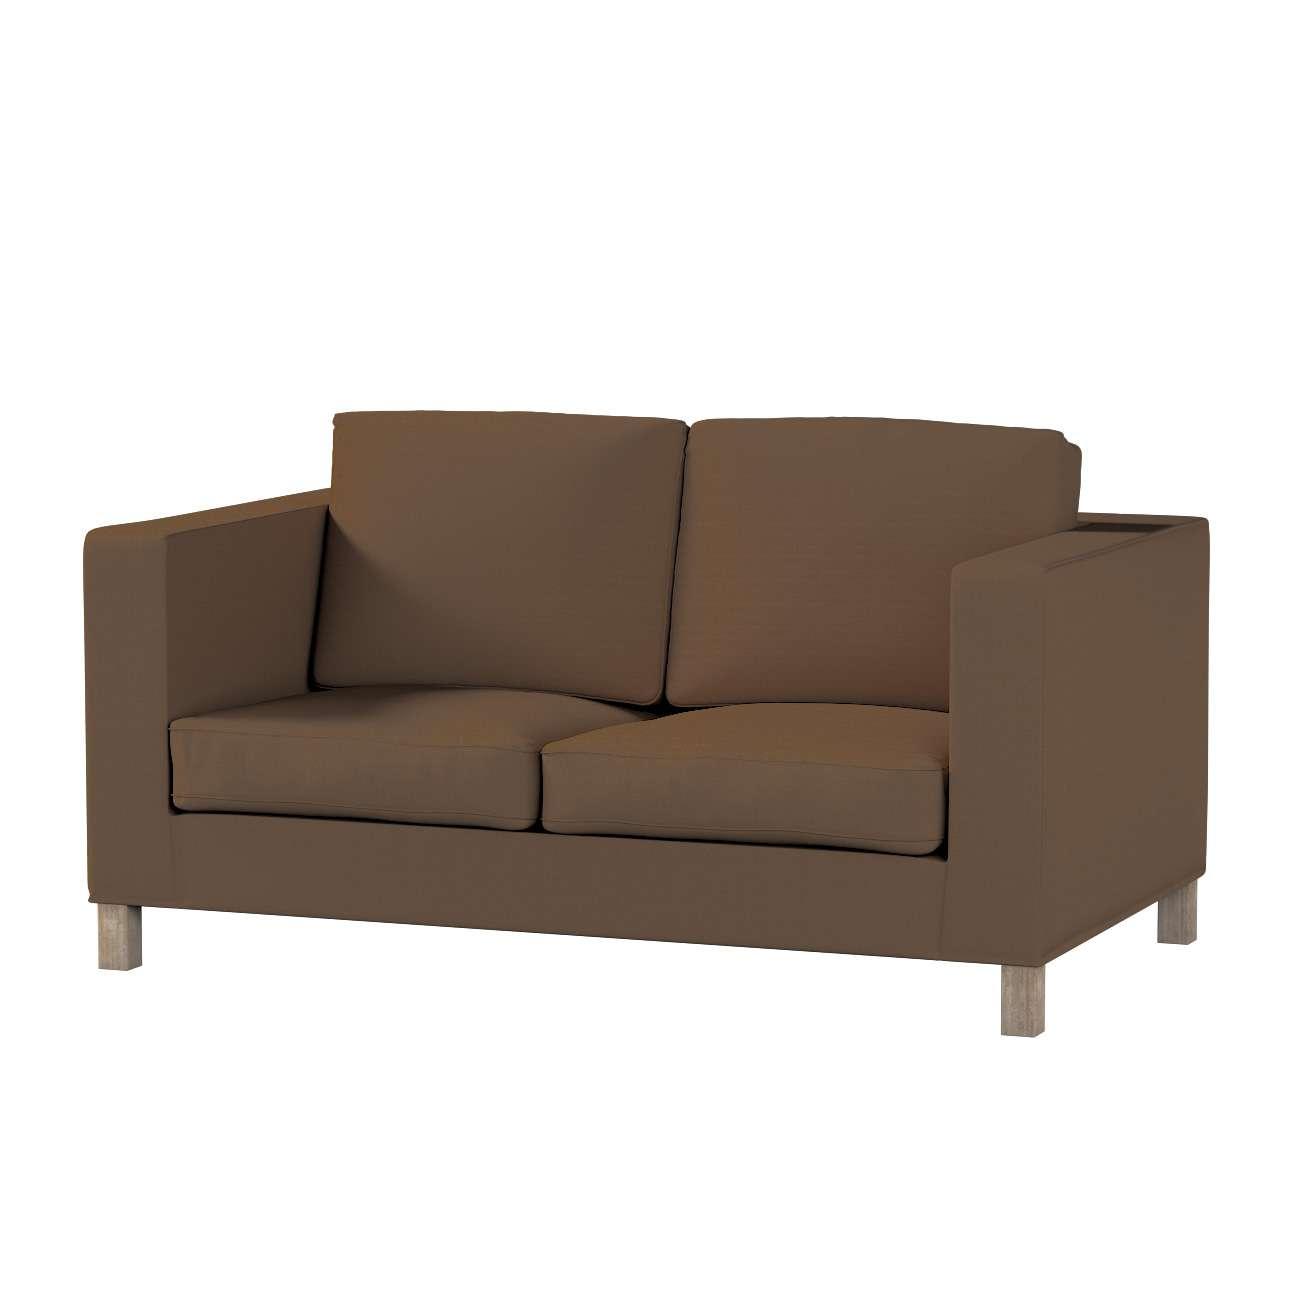 Pokrowiec na sofę Karlanda 2-osobową nierozkładaną, krótki Sofa Karlanda 2-os w kolekcji Cotton Panama, tkanina: 702-02